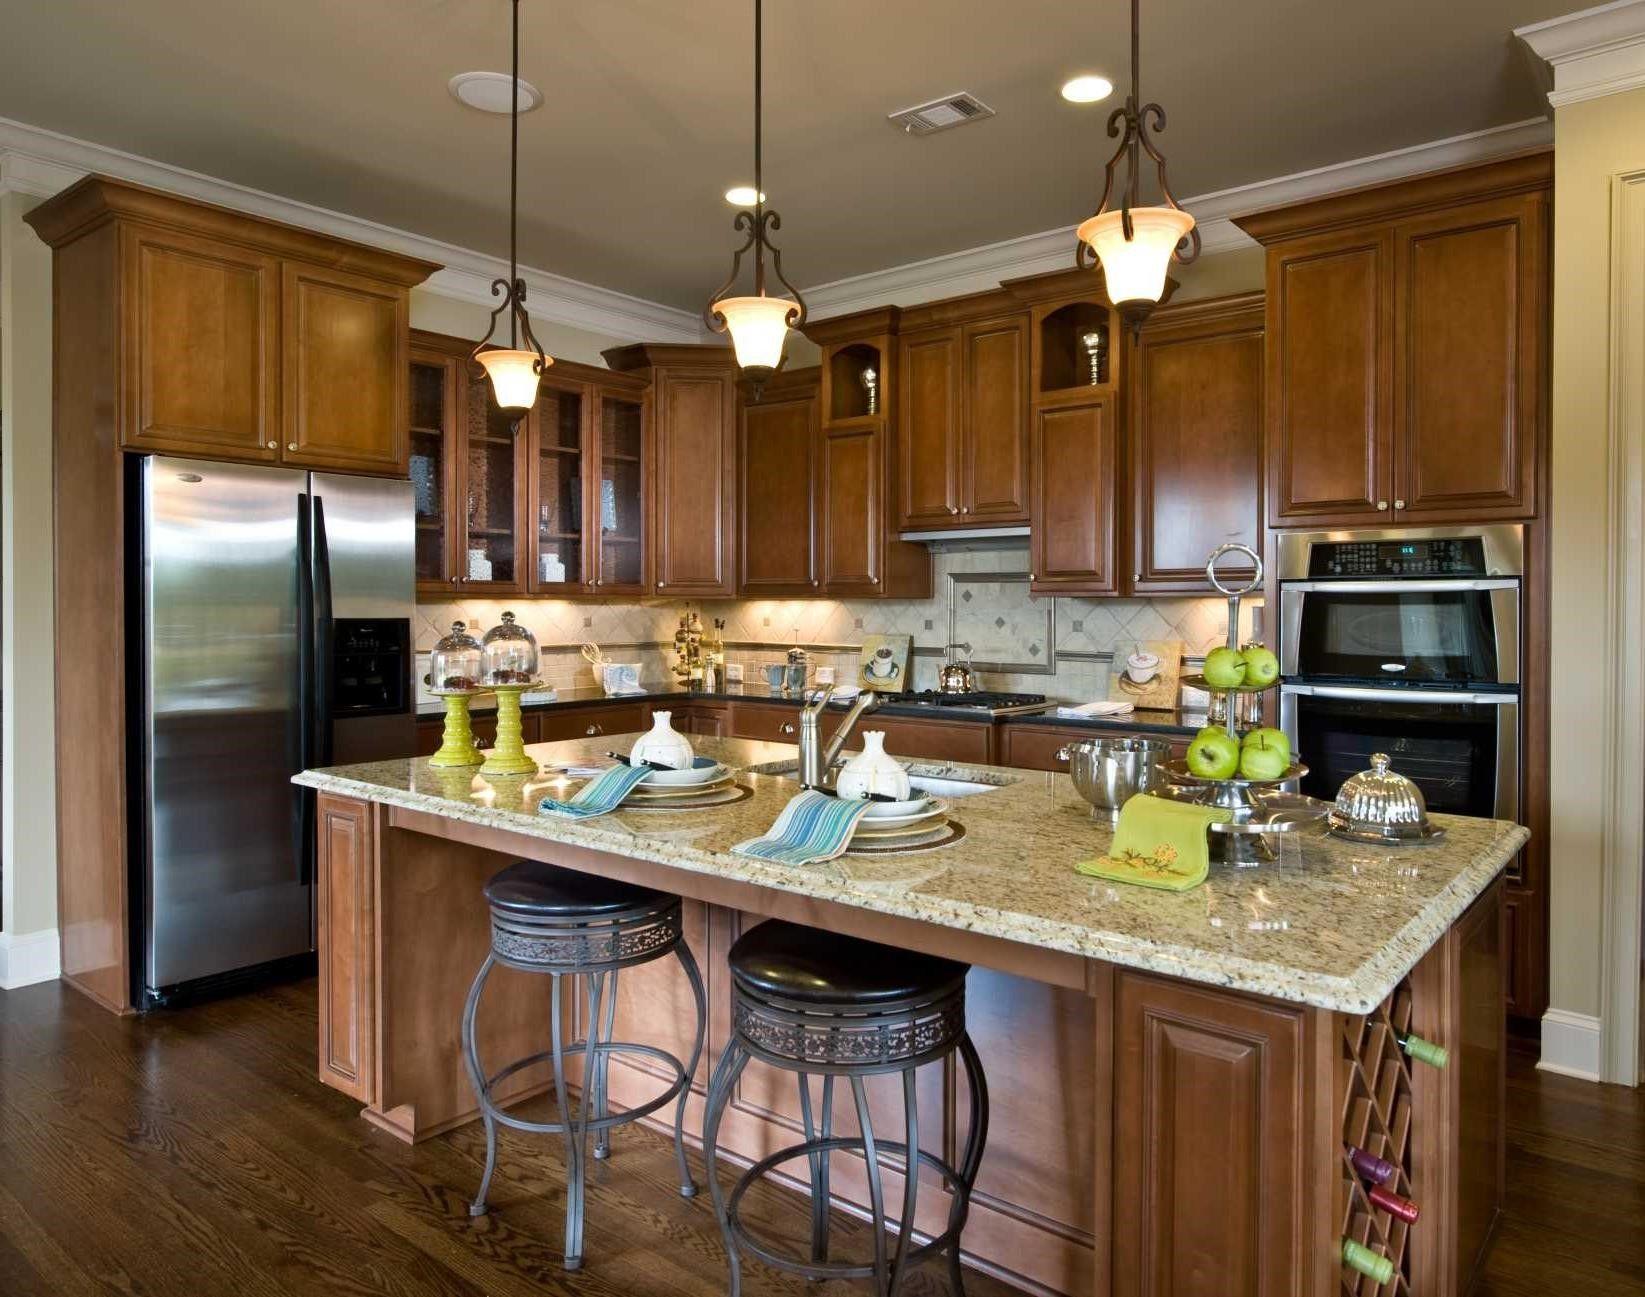 Decorating Ideas For Kitchen Islands #2 | Kitchen | Pinterest | Kitchens